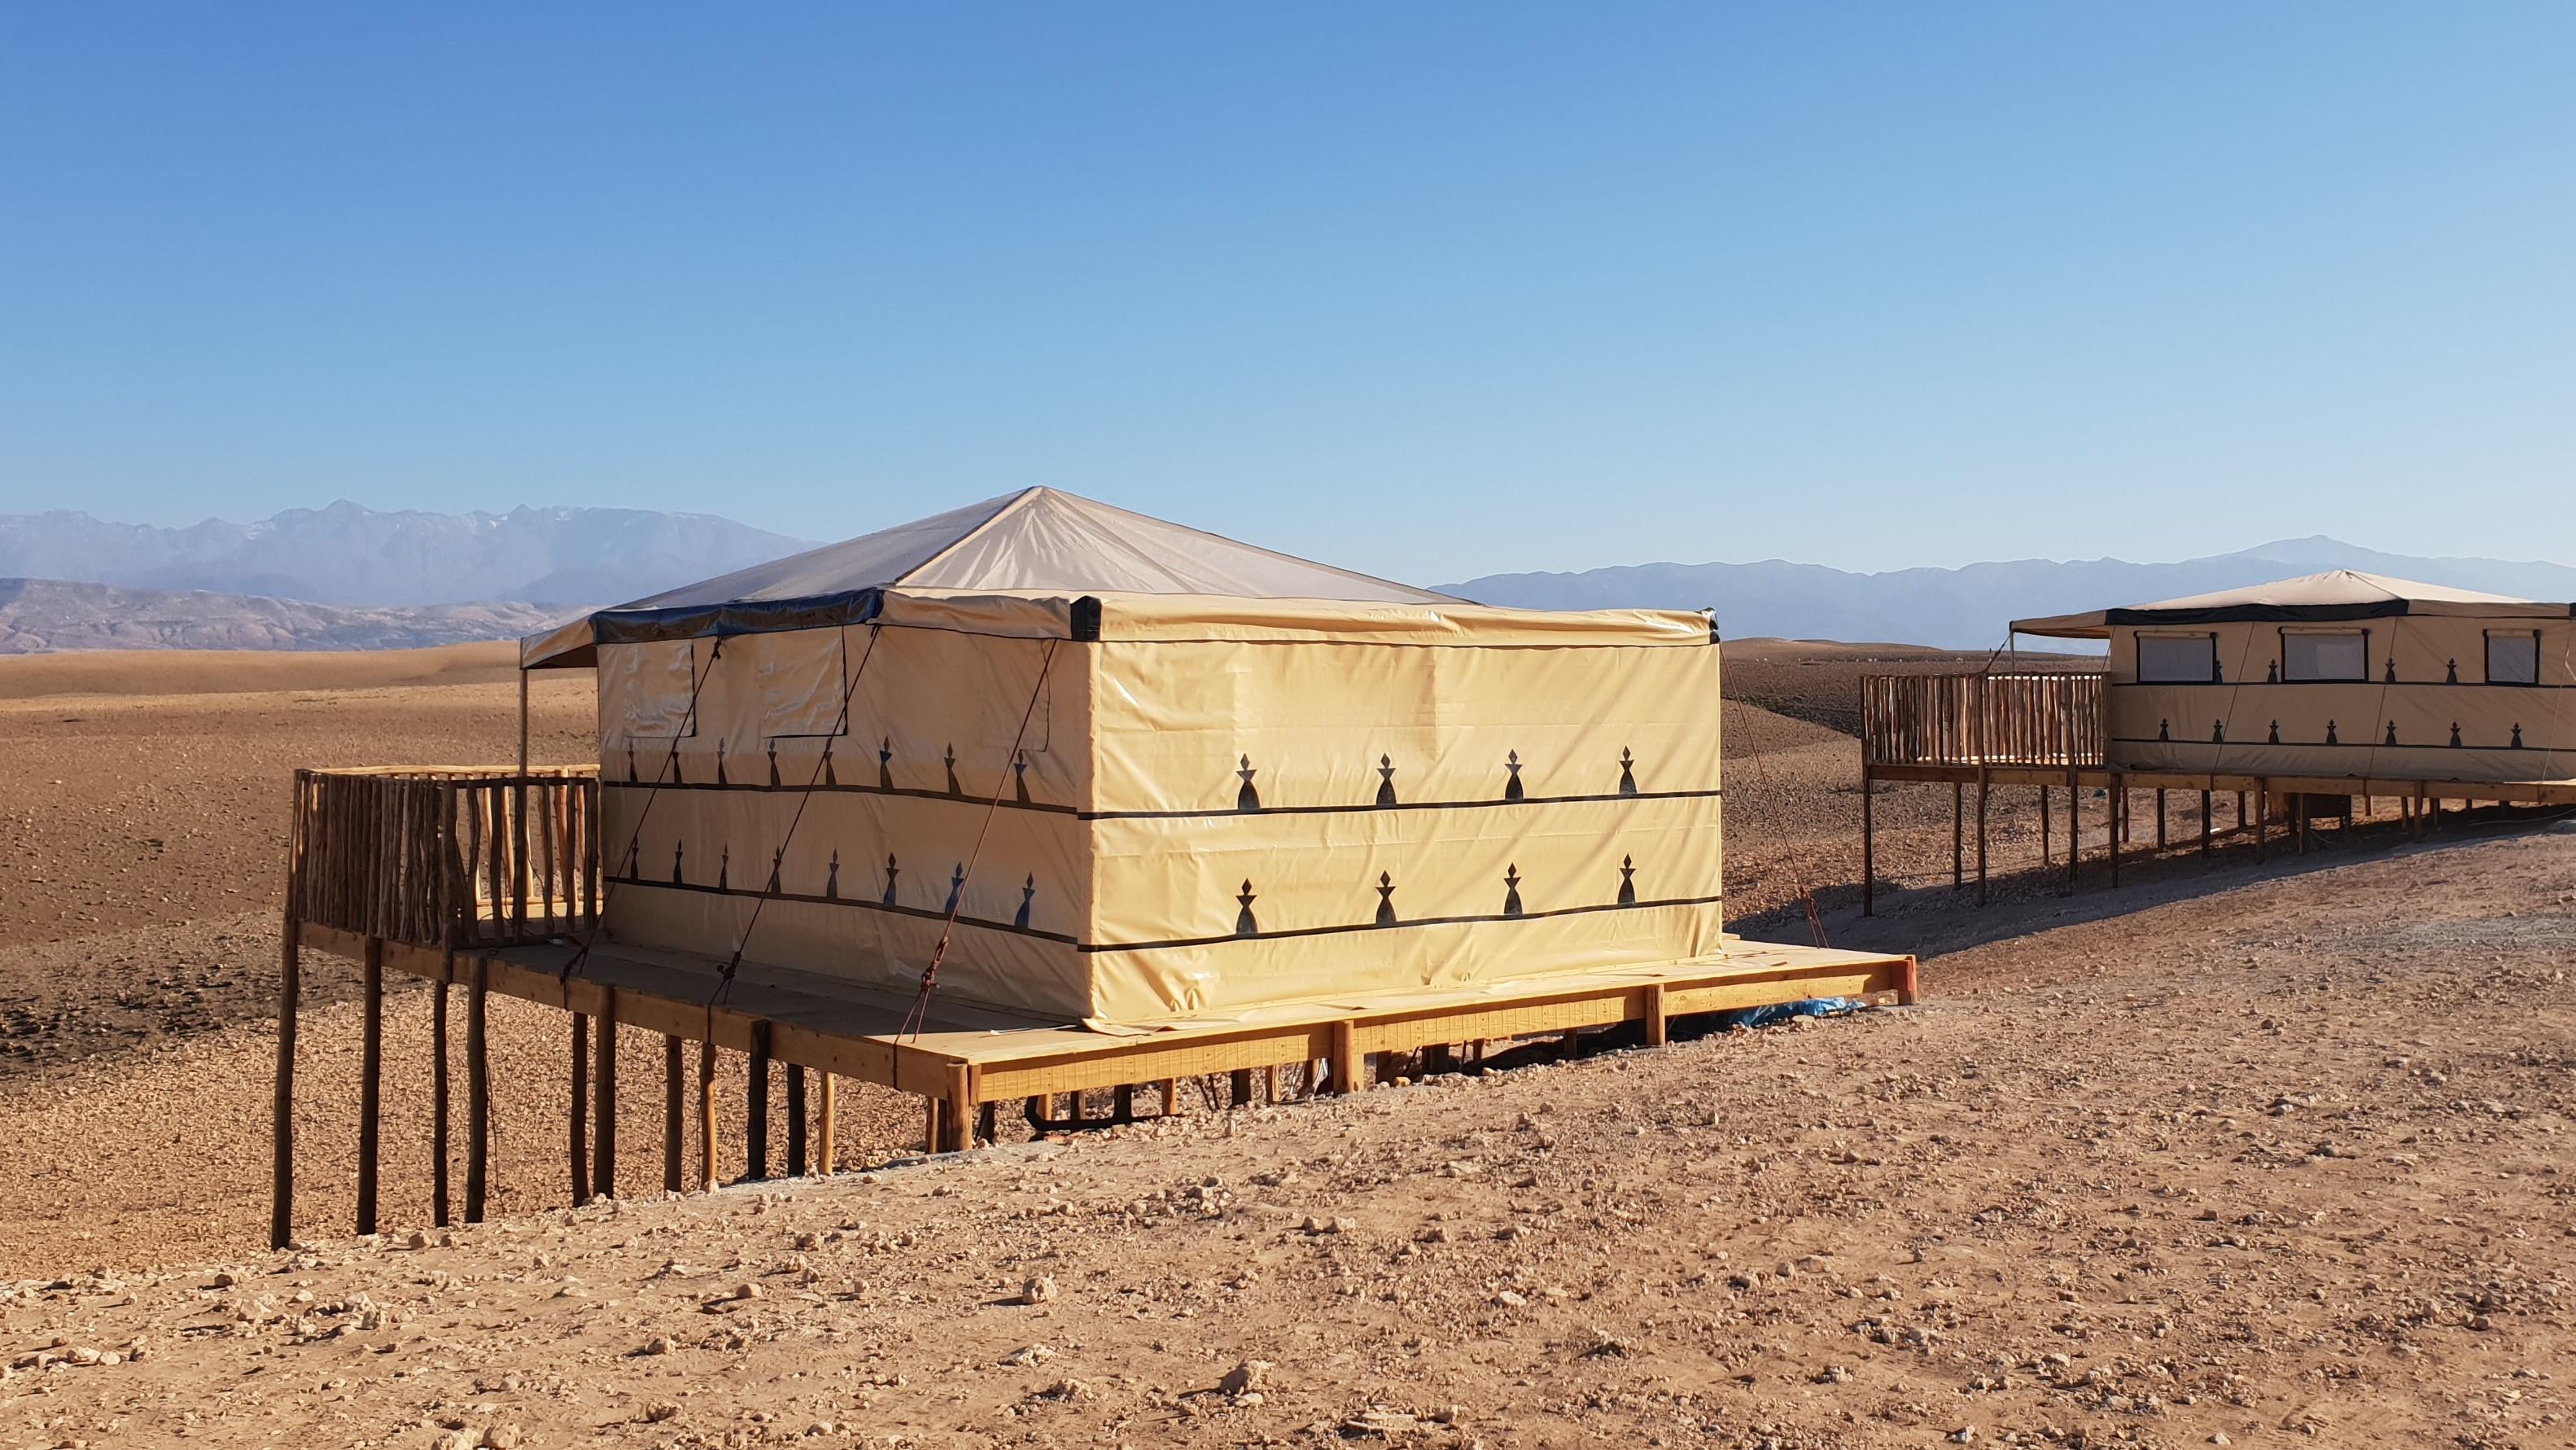 Nkhila Tented Camp